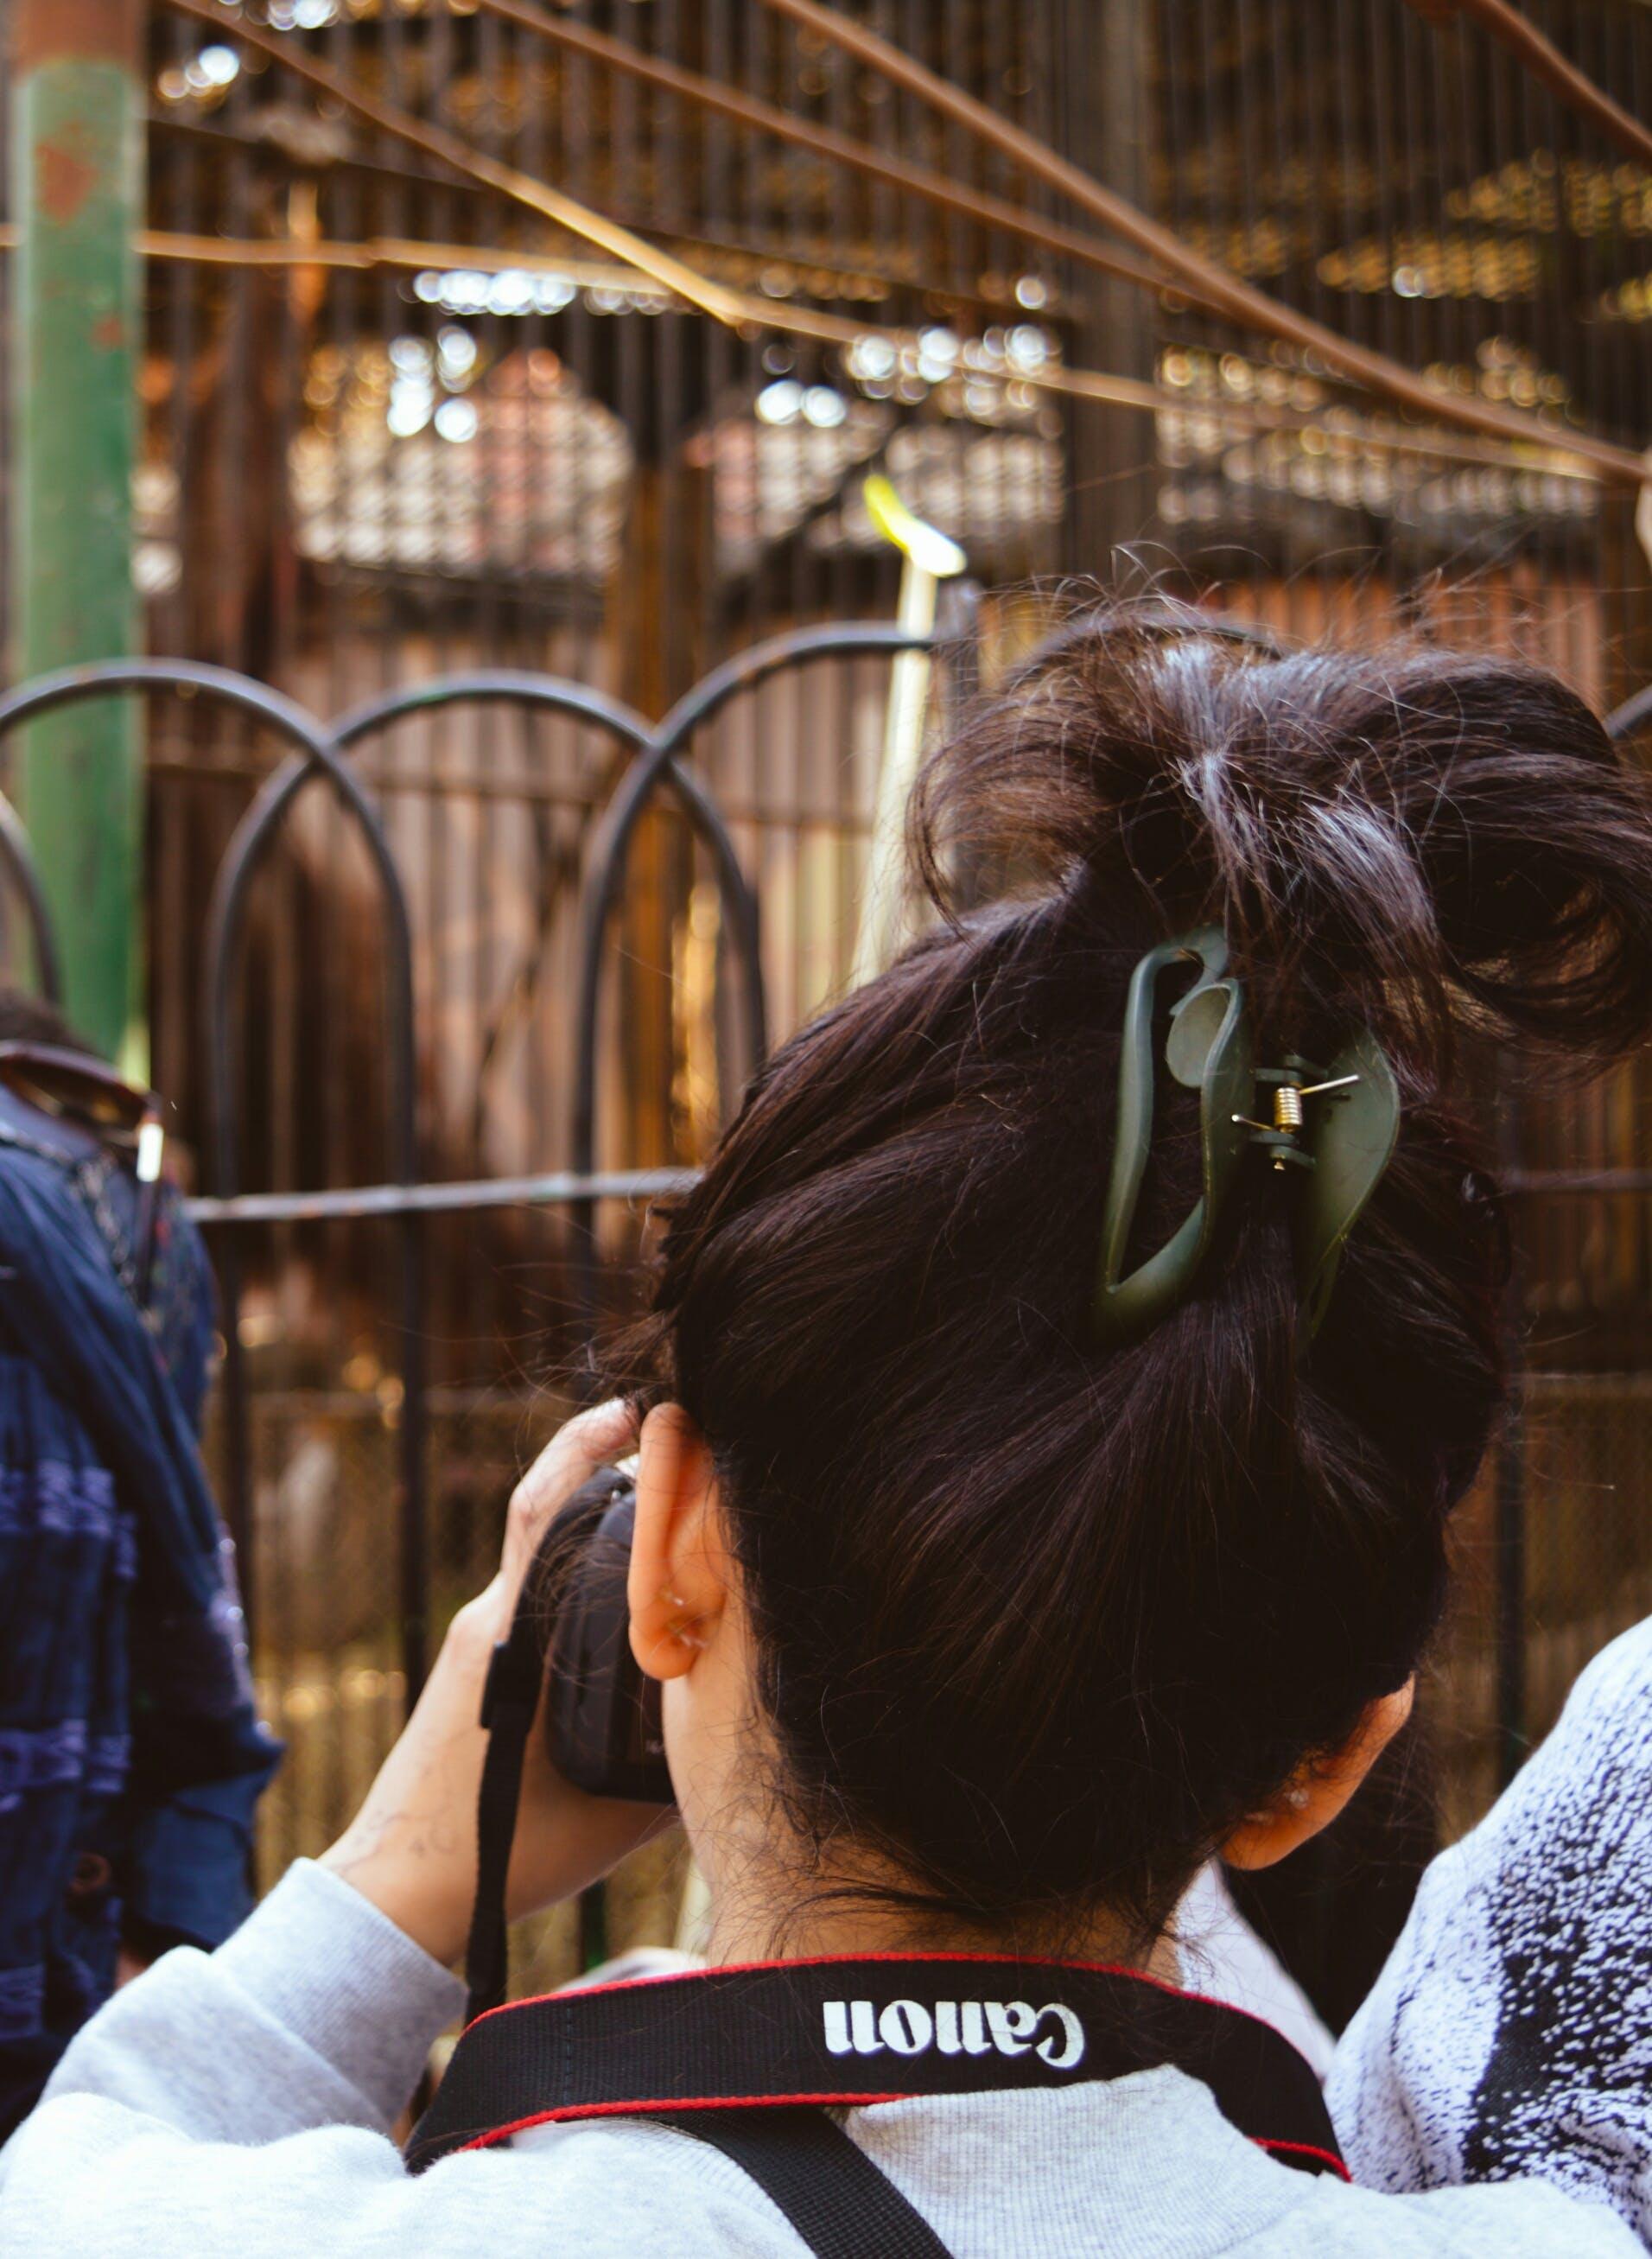 Foto profissional grátis de apreender, borrão, cabelo, câmera